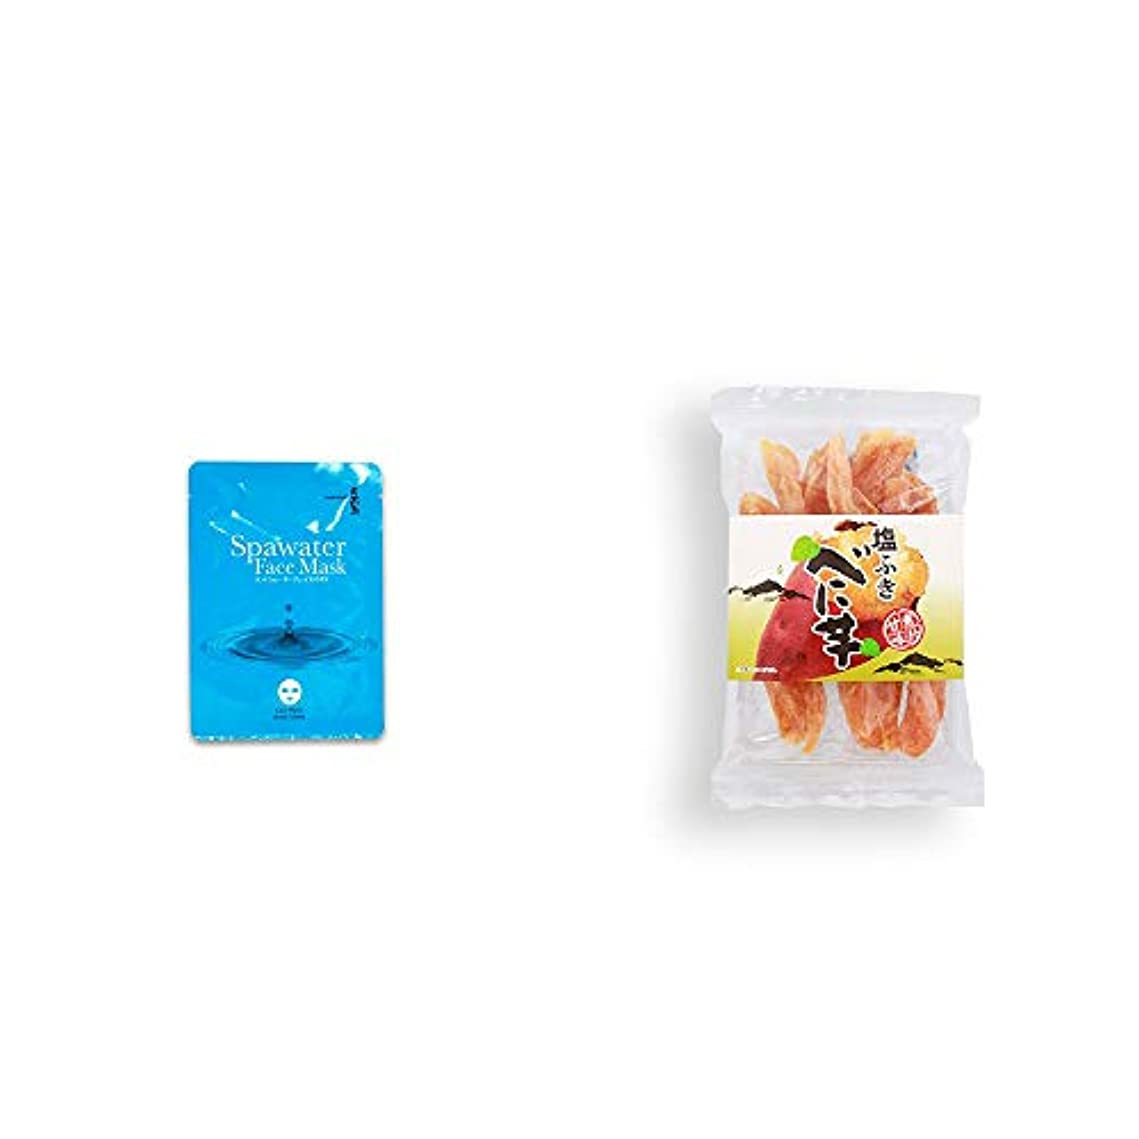 農業の請求書ローブ[2点セット] ひのき炭黒泉 スパウォーターフェイスマスク(18ml×3枚入)・塩ふき べに芋(250g)